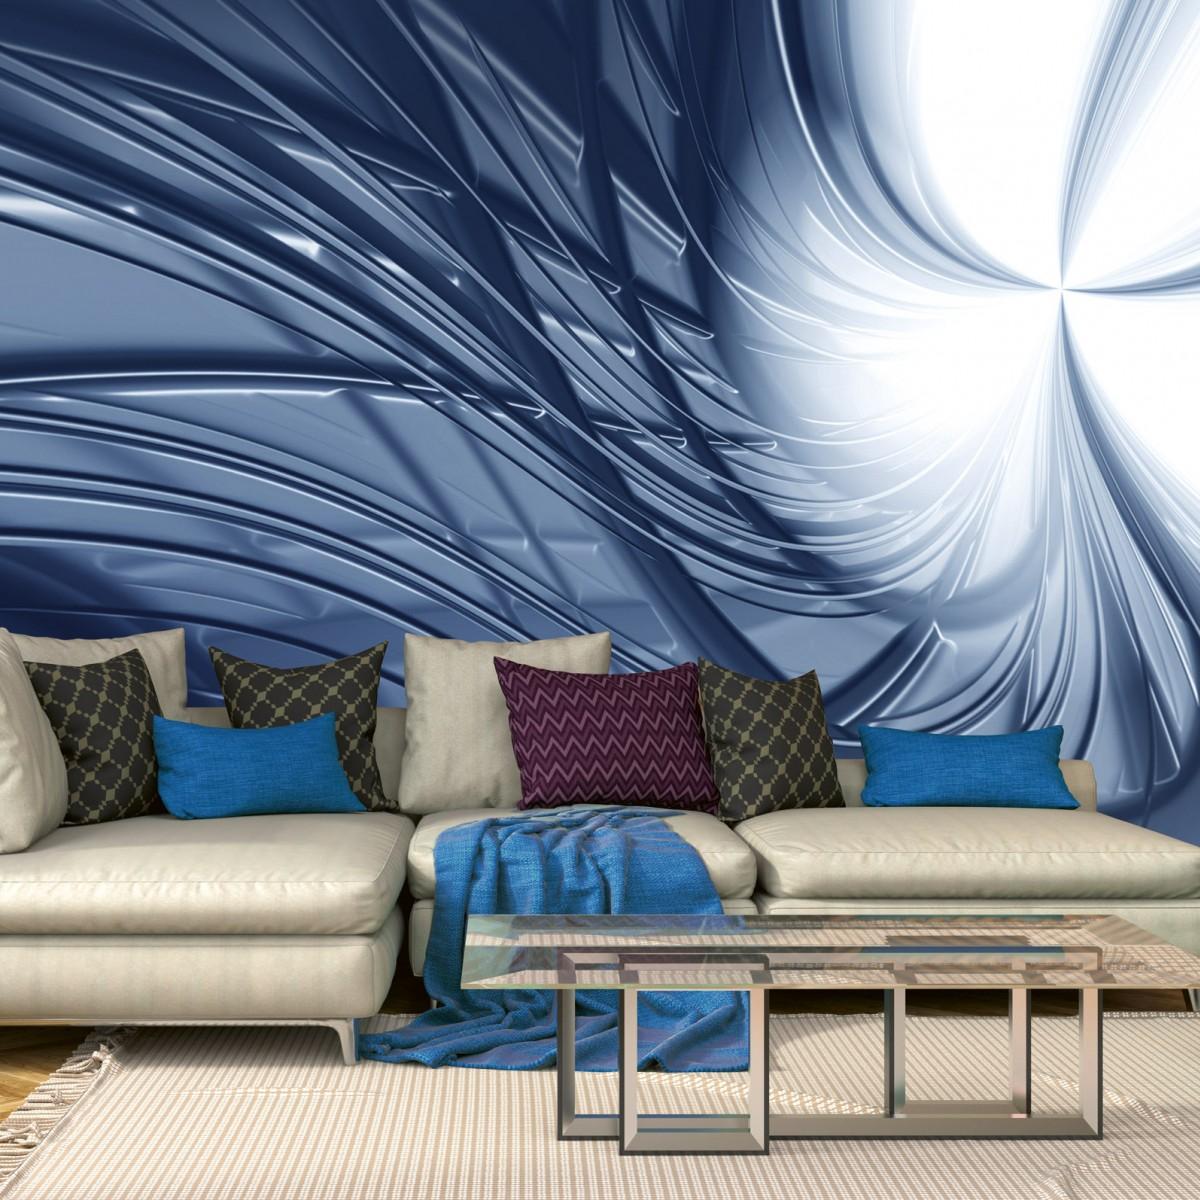 Foto tapet 3D Lines Abstraction, Dimex, 5 fâșii, 375 x 250cm